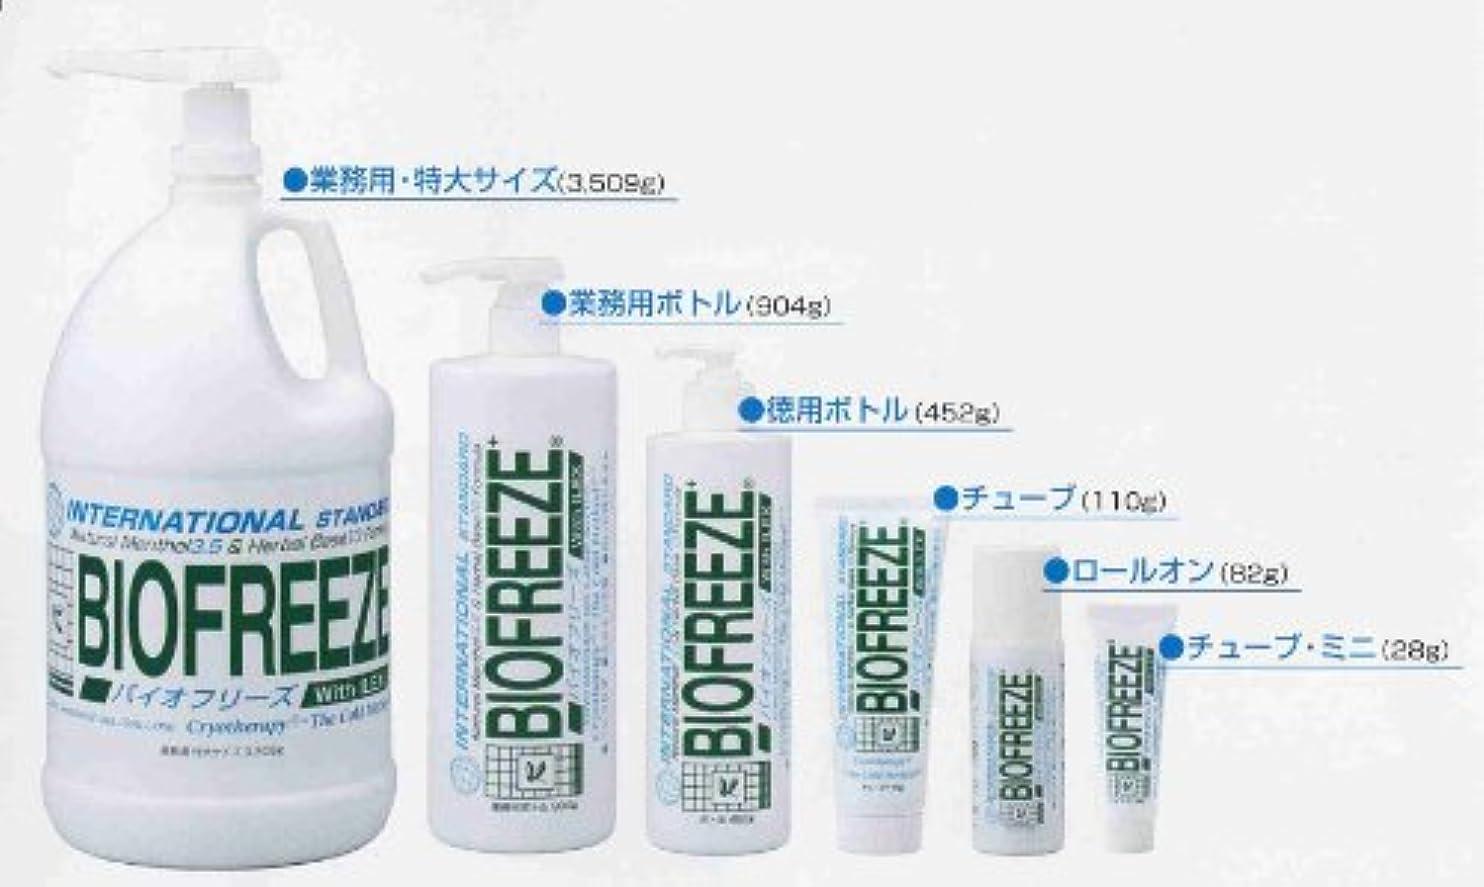 戦争価値高潔なバイオフリーズ(BIOFREEZE) 904g - ボディ用、業務用ボトル!